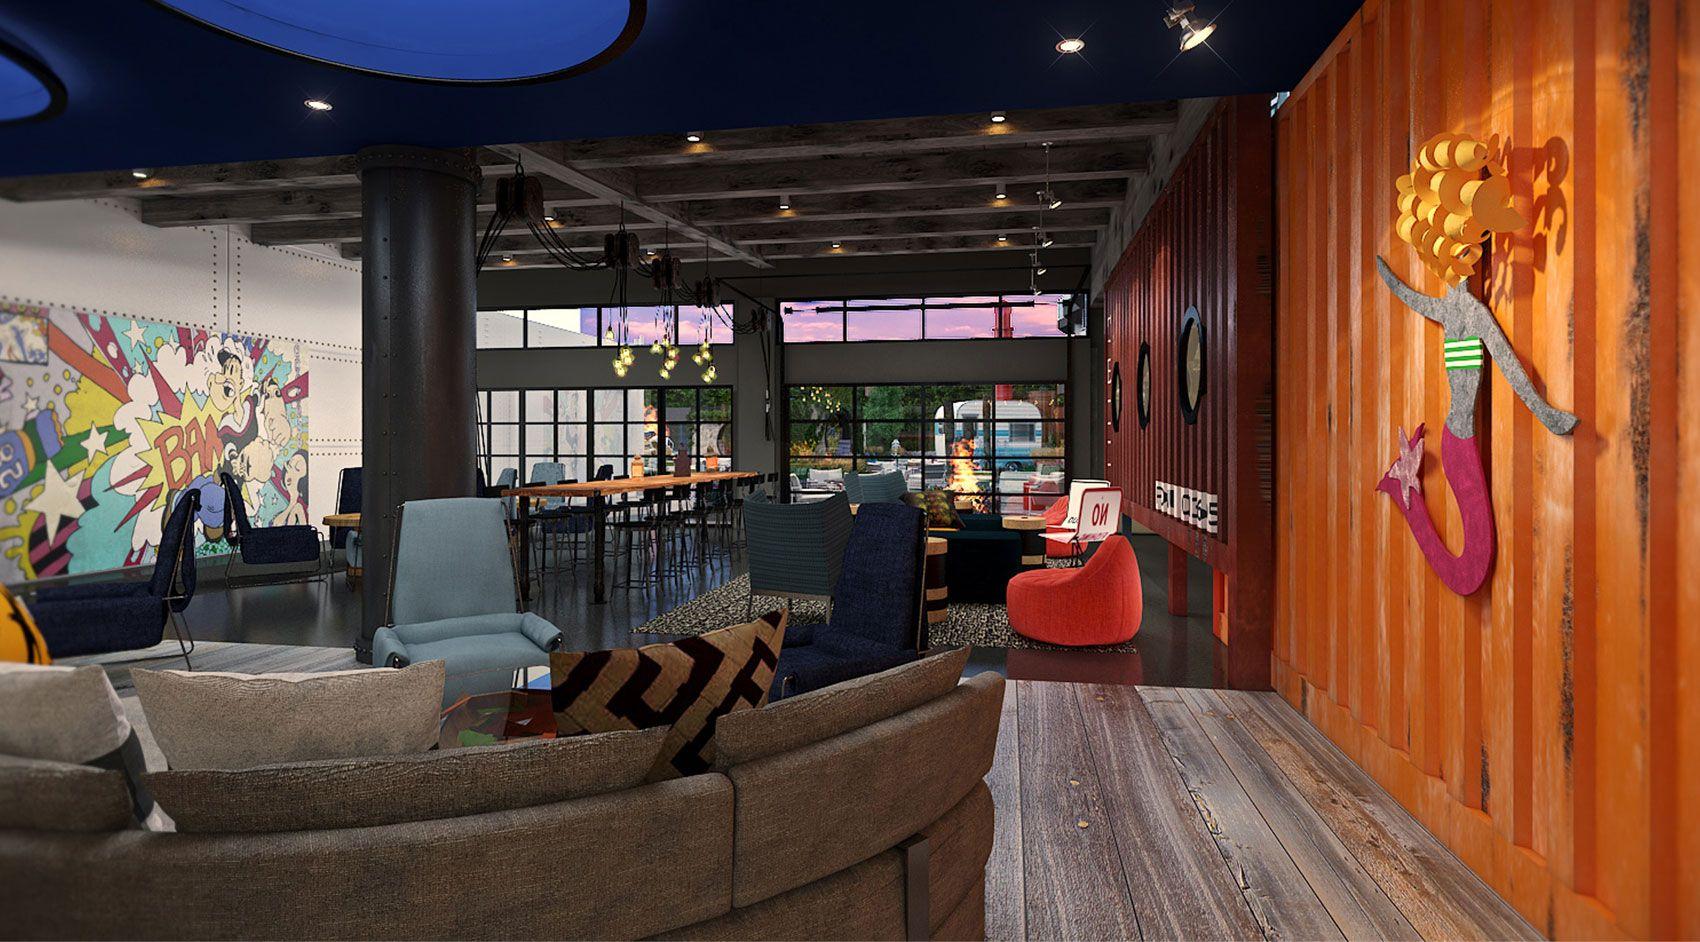 Zephyr Hotel Hip Meeting Space In Fisherman S Wharf